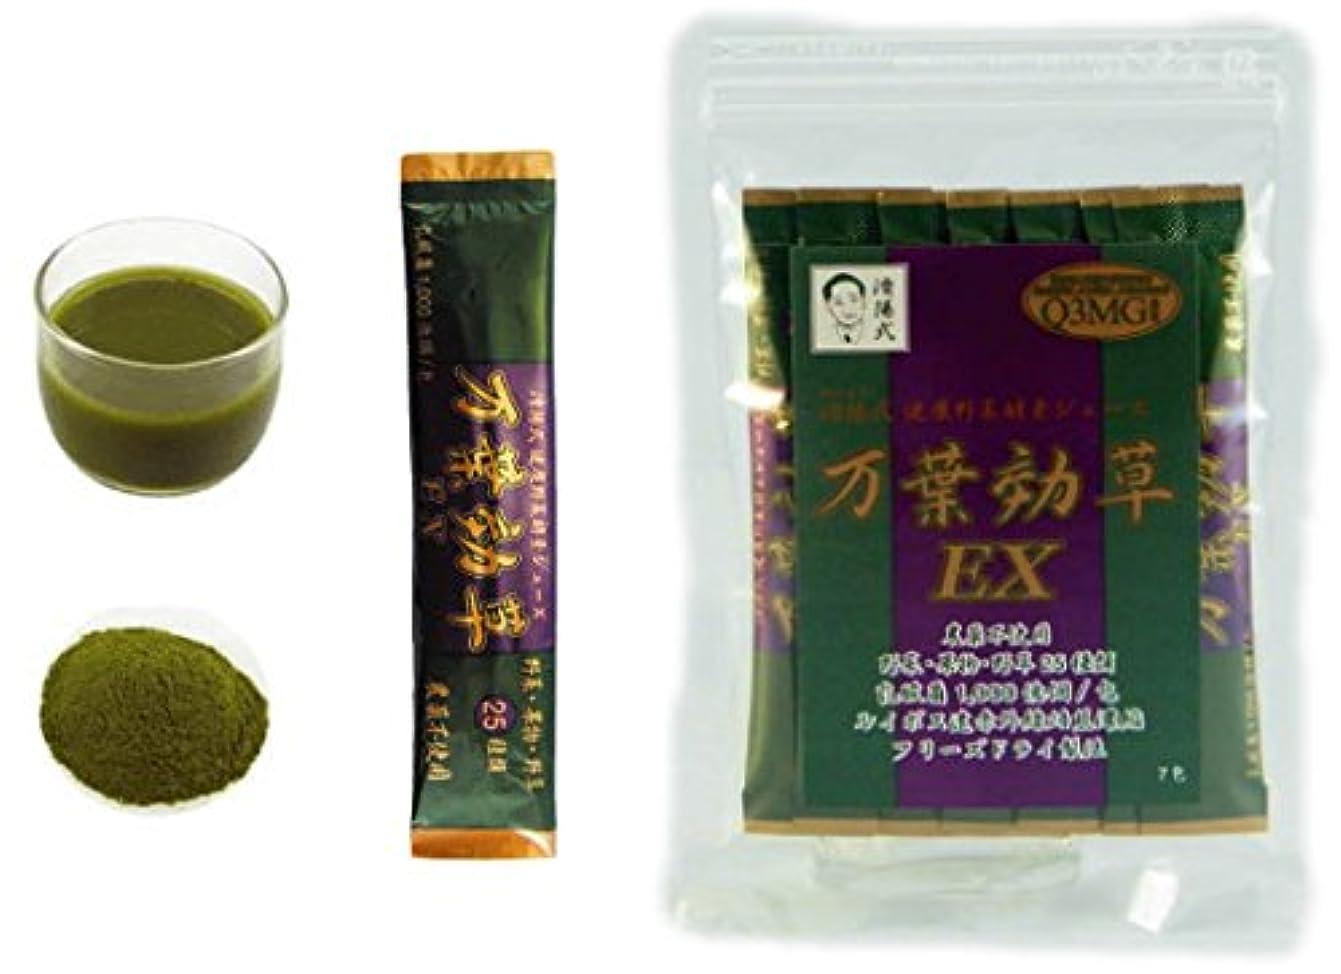 販売員座標そうでなければ済陽式 健康野草ジュース 万葉効草EX お試しパック7包入り